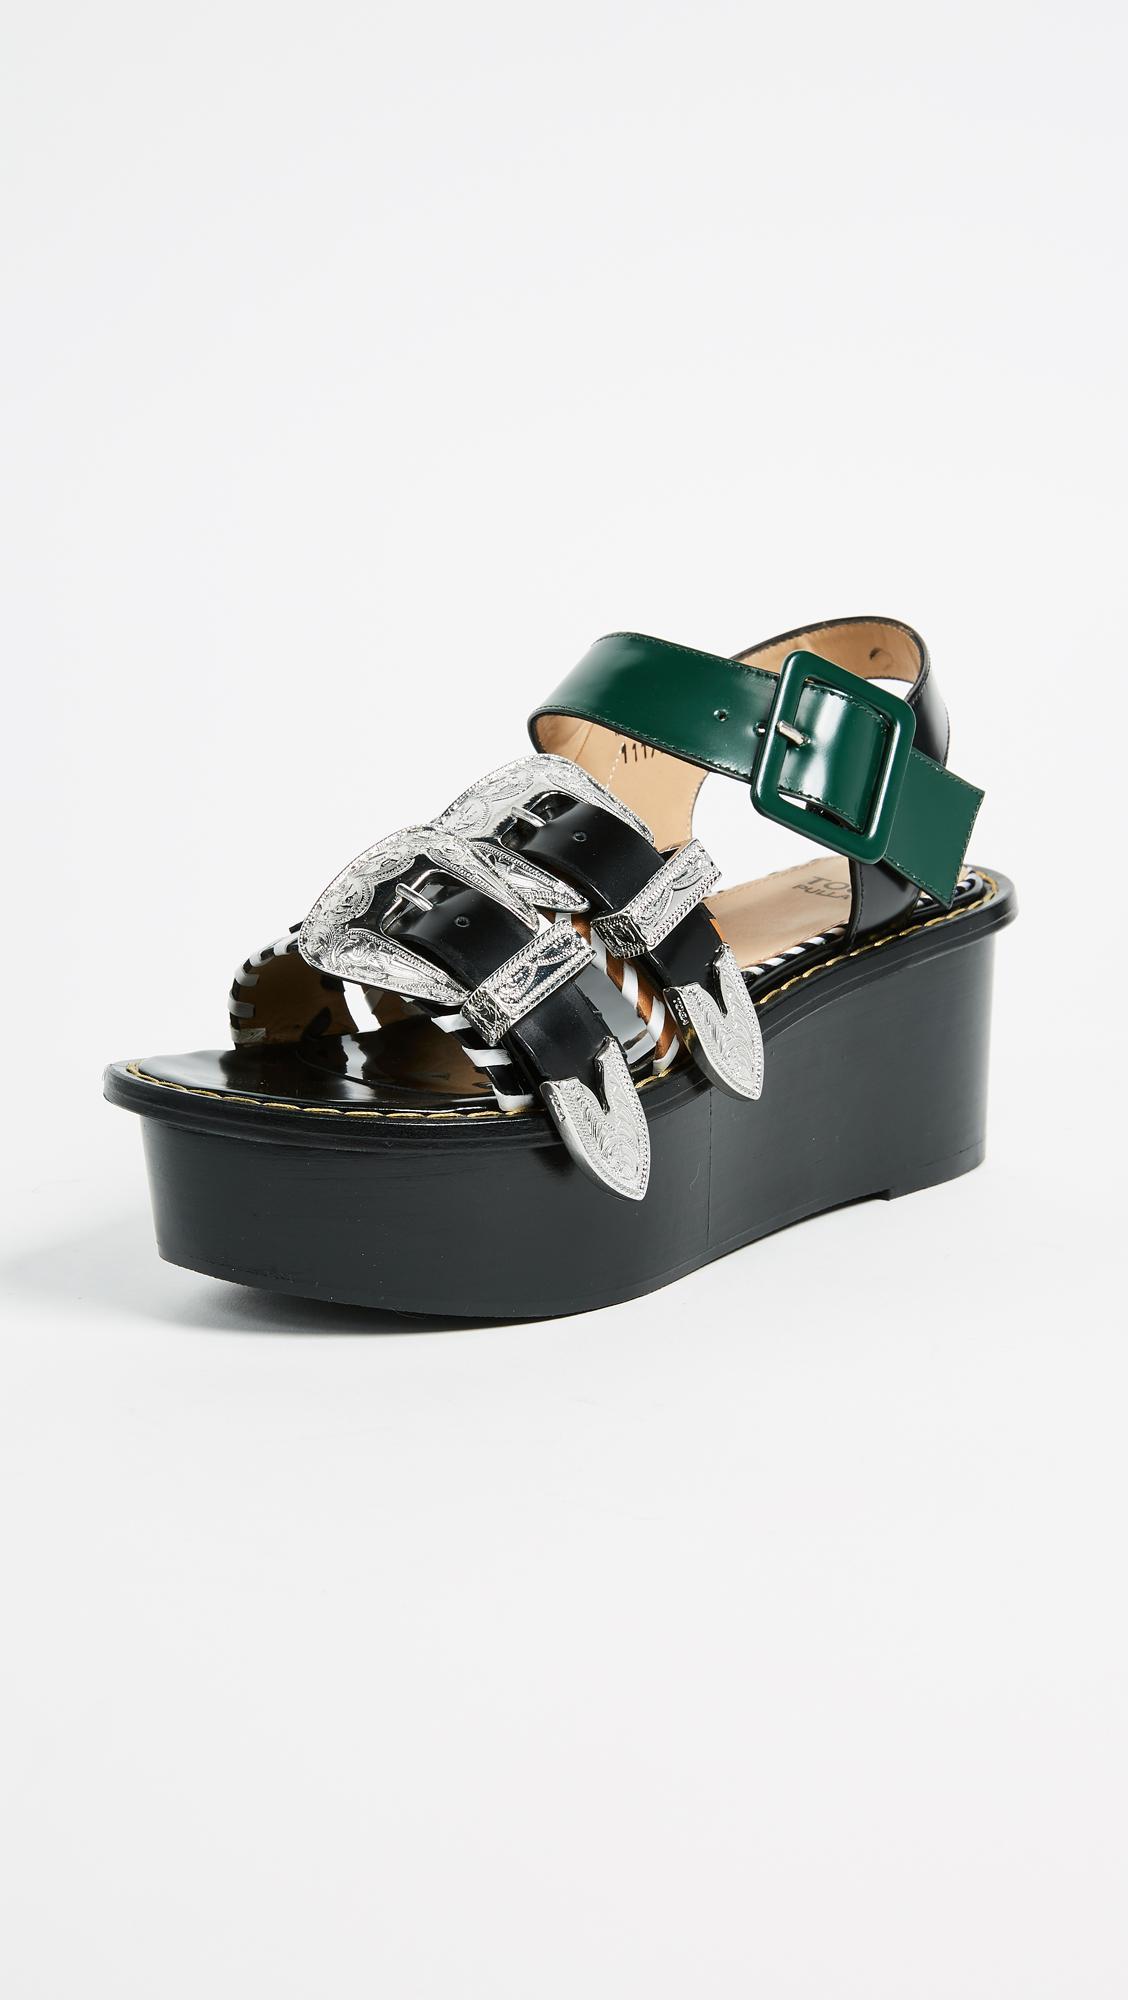 f4de89c72ea Lyst - Toga Pulla Flatform Sandals in Black